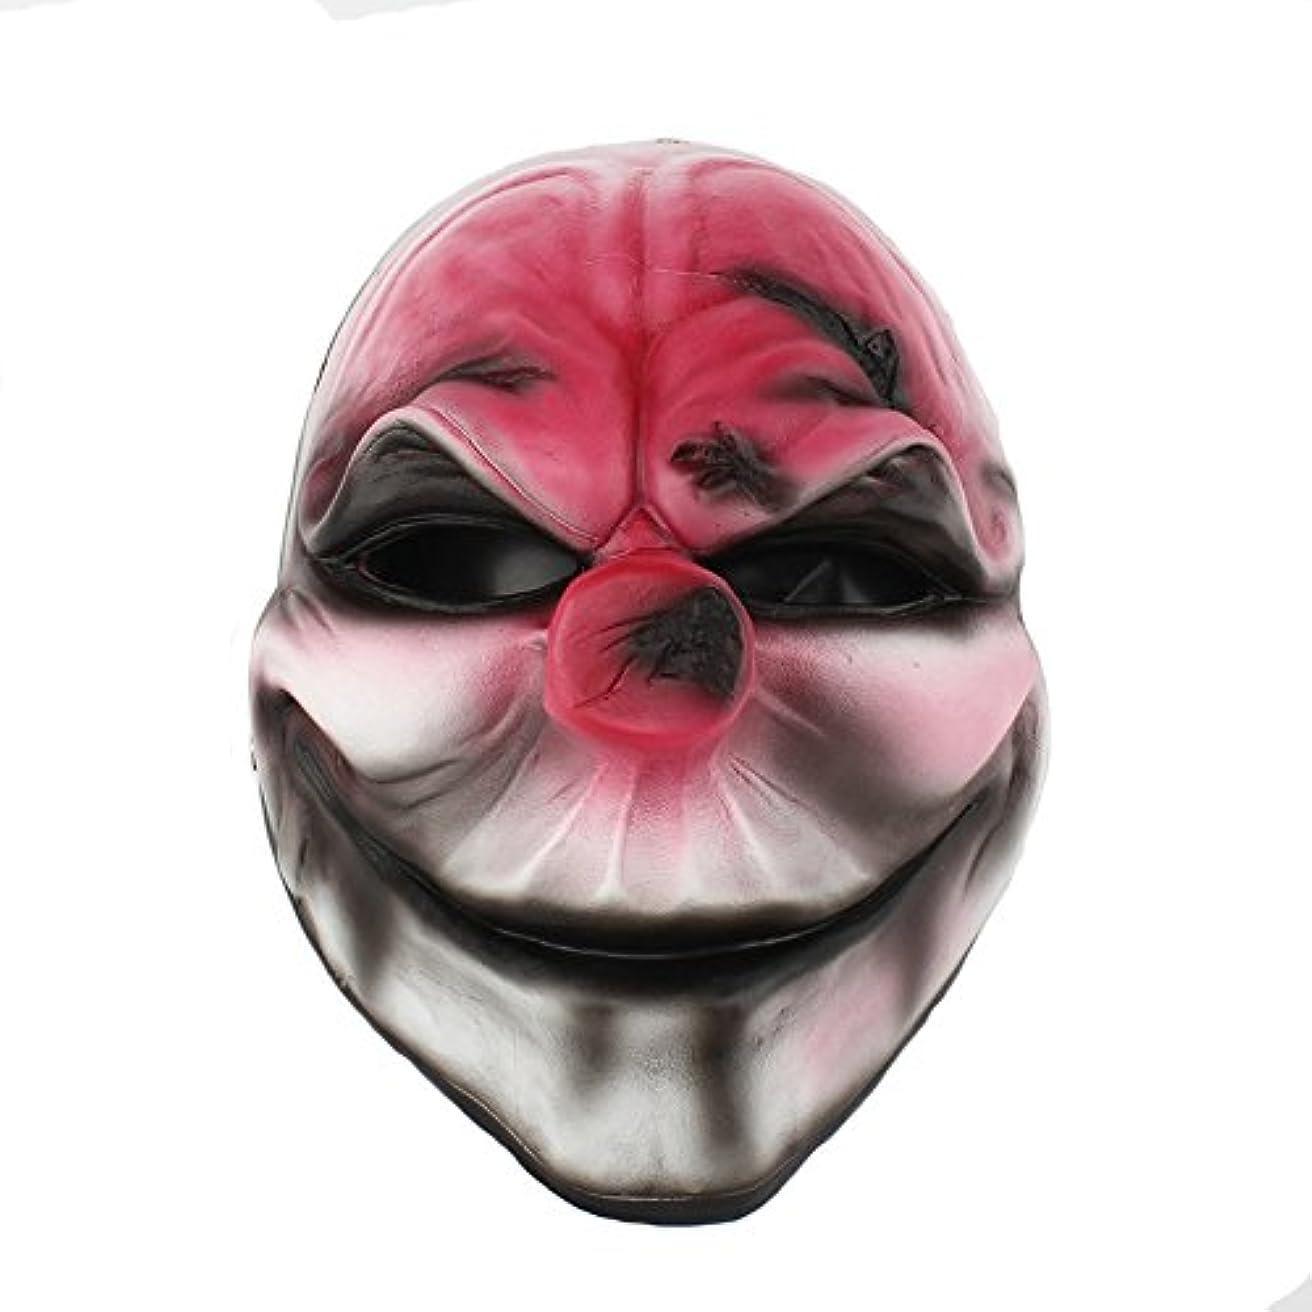 川あざ説得力のあるハロウィーン仮装パーティーキャラクタードレスアップ樹脂マスク収穫日2シリーズ新しい赤い頭